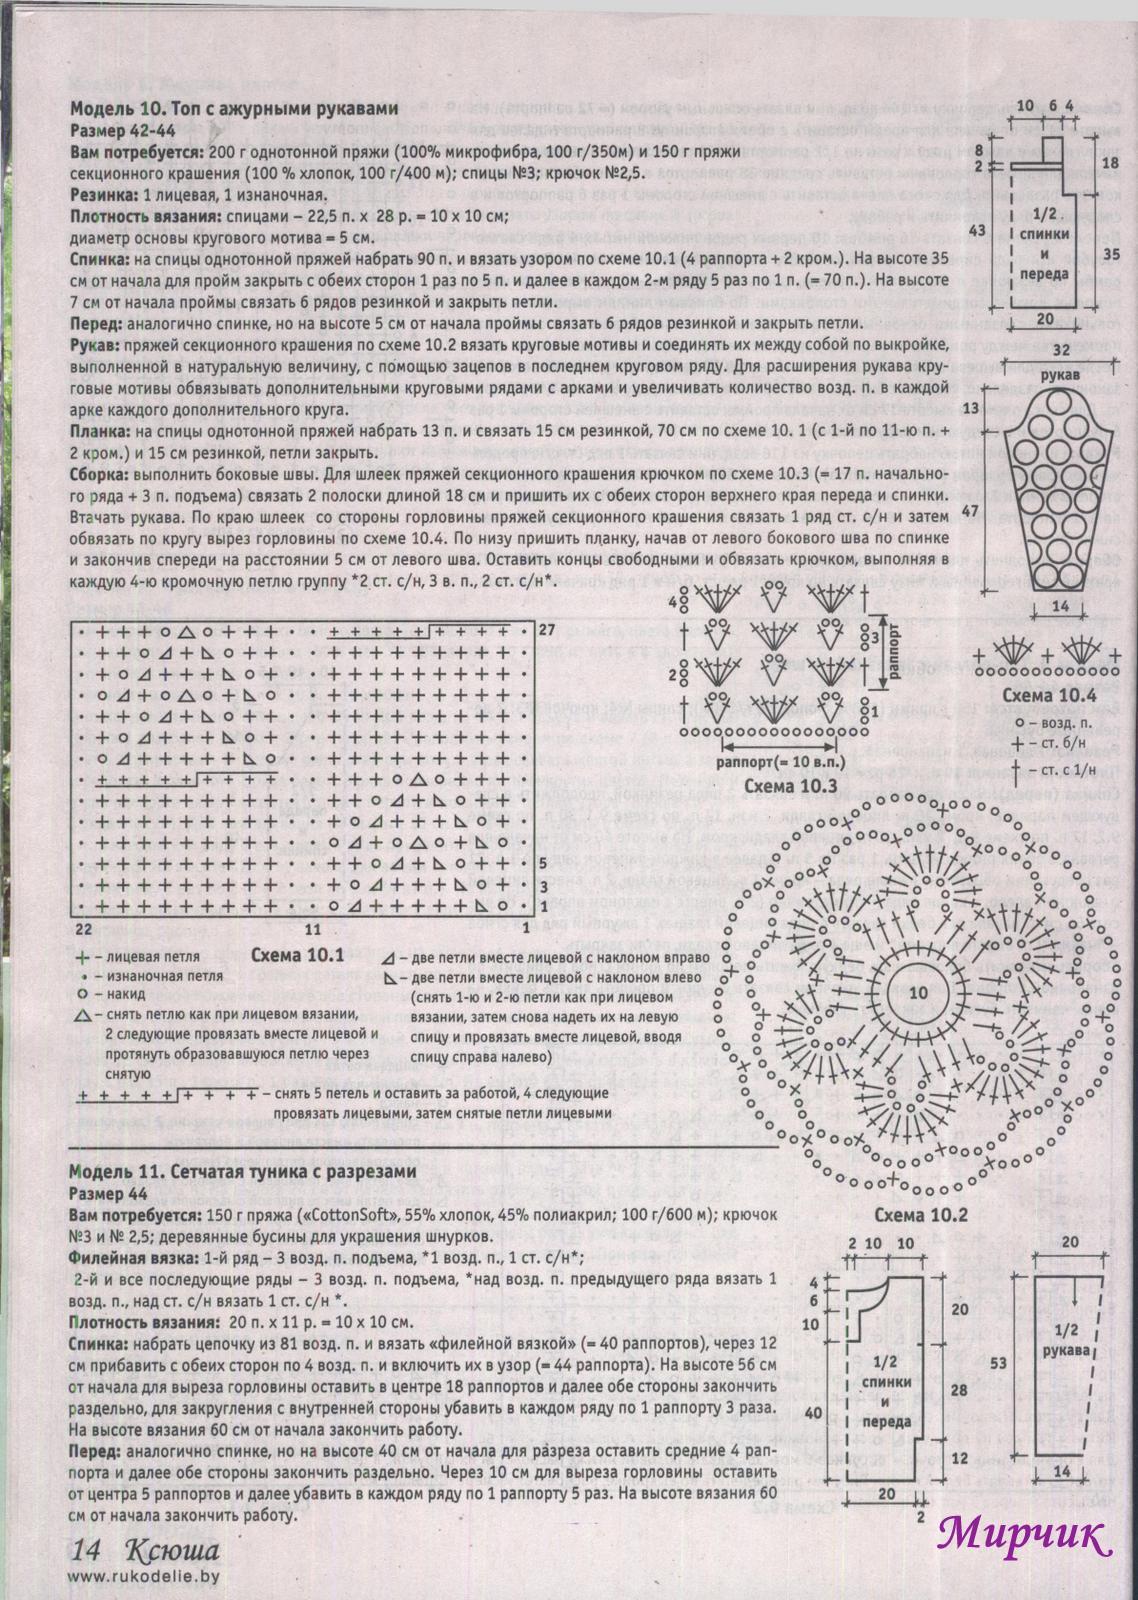 Mvz2su04 o